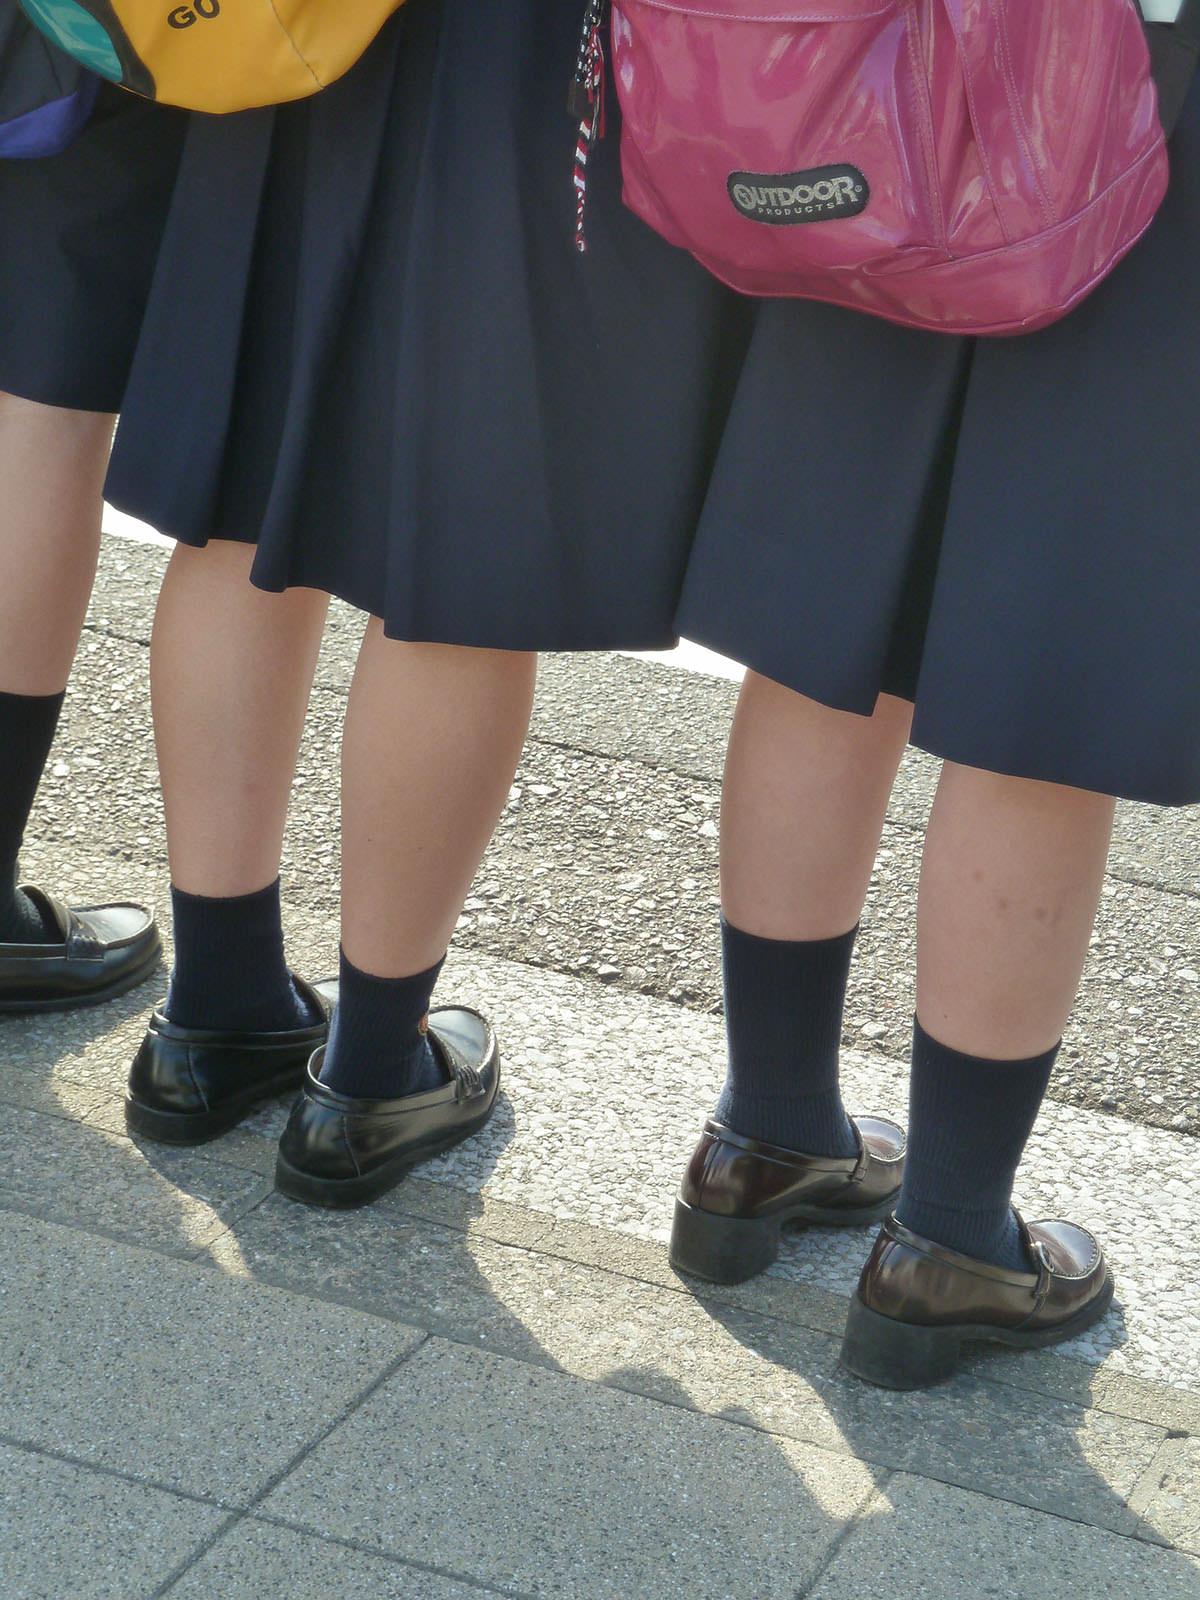 女子高生の足首あたりにめっちゃ興奮するフェチ画像 IJzXWdF